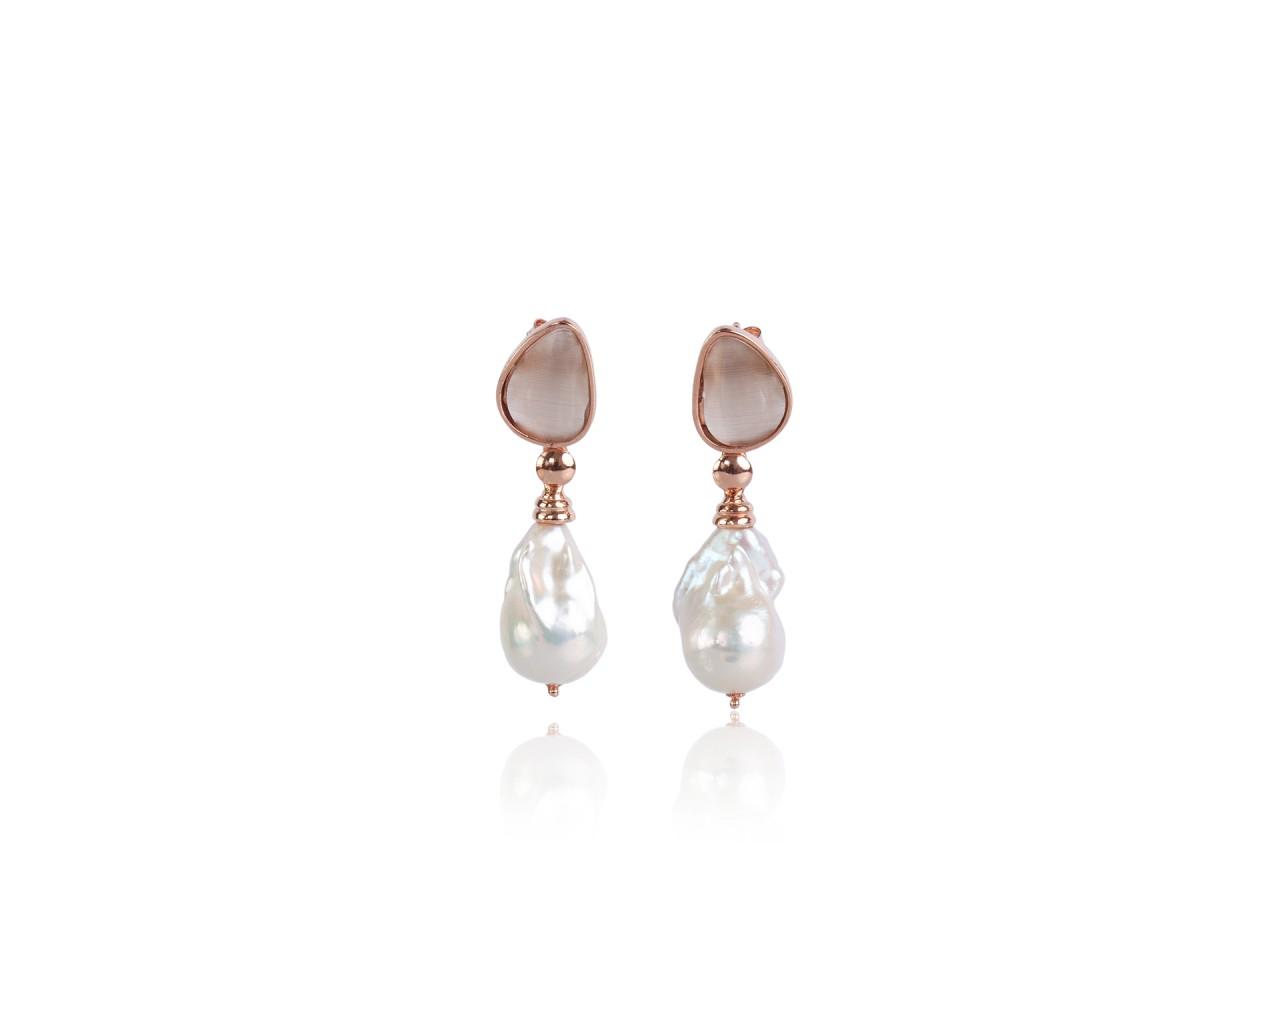 Orecchini in argento con pietre color marrone e perle barocche naturali